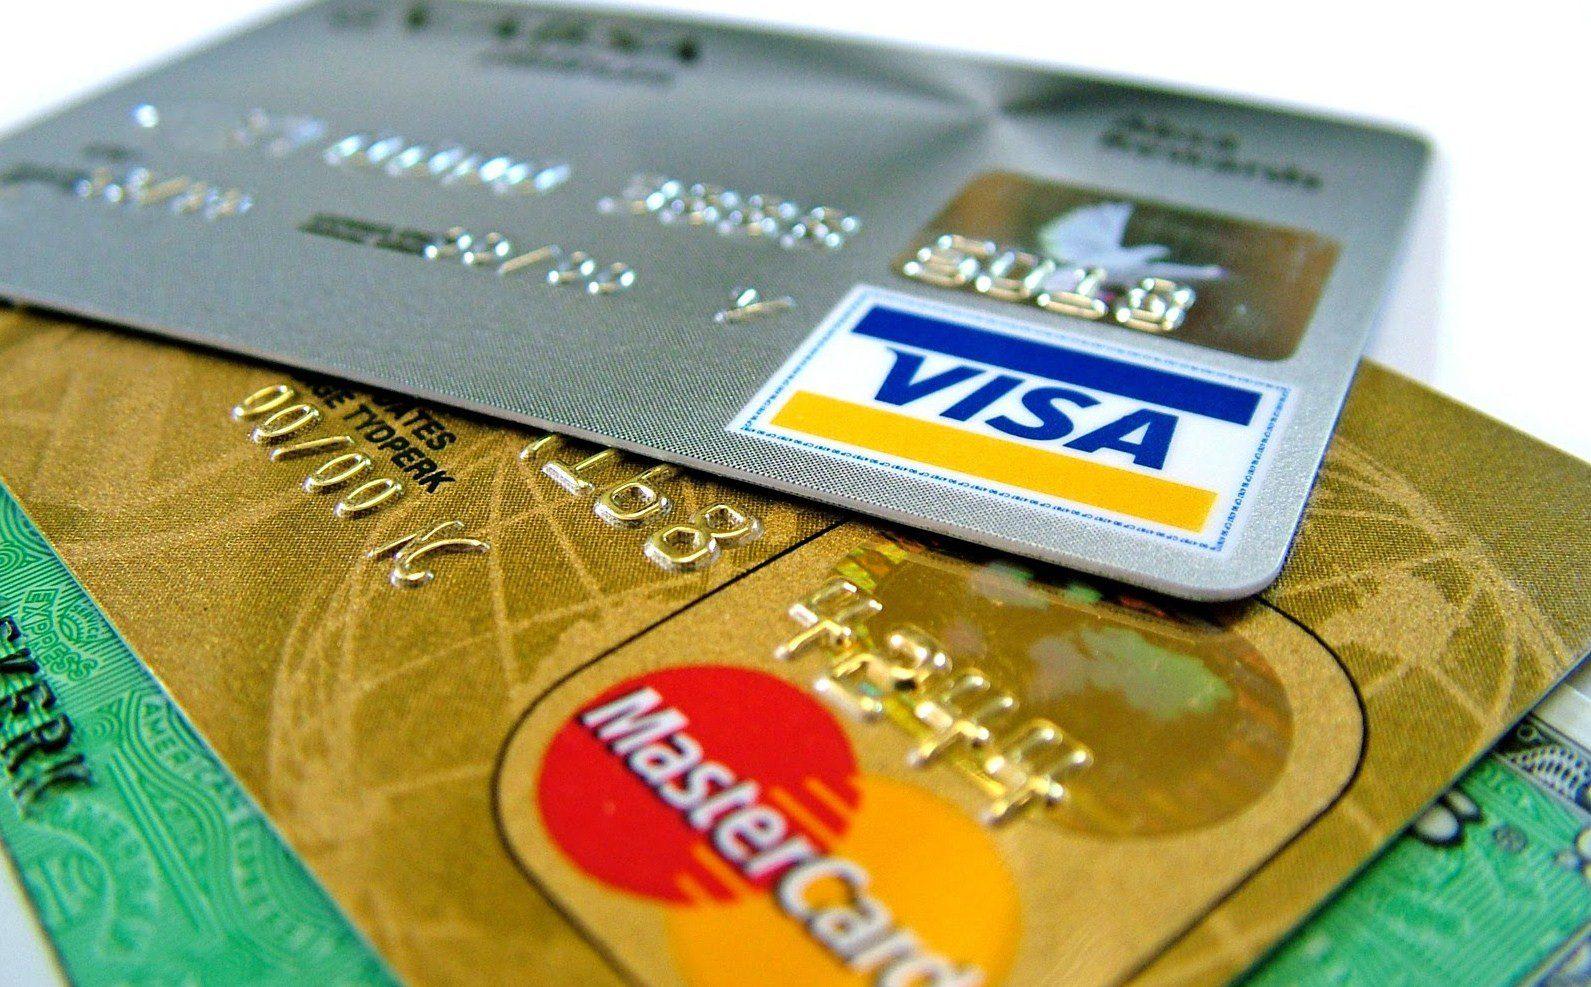 Progetto di legge su pagamento con carta di credito: meno tasse in vista?